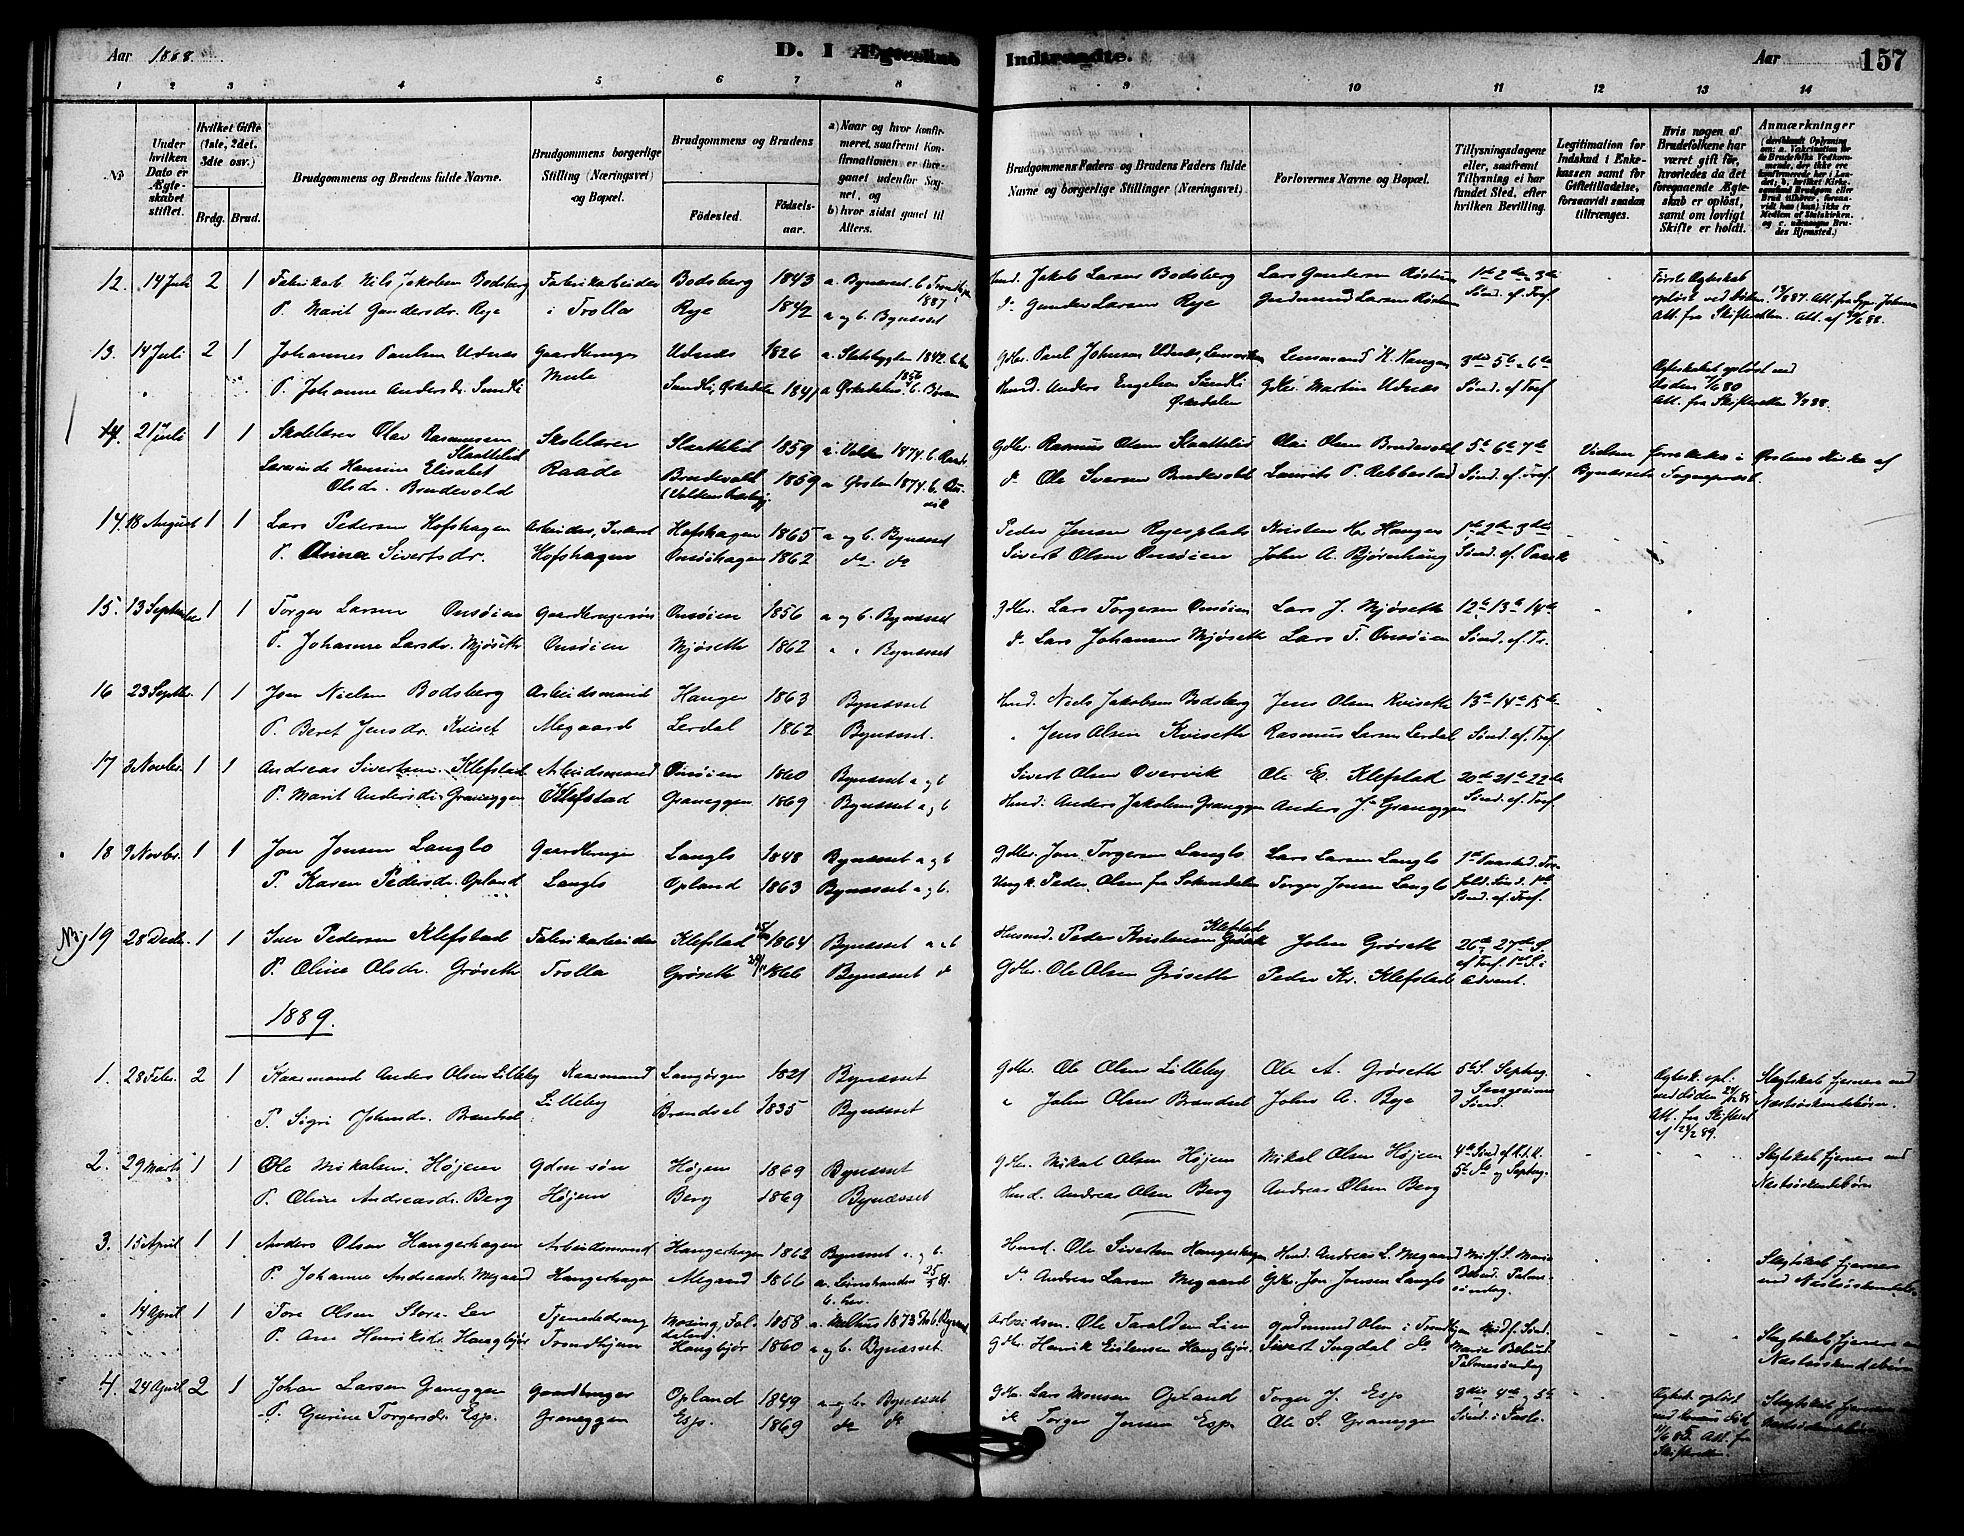 SAT, Ministerialprotokoller, klokkerbøker og fødselsregistre - Sør-Trøndelag, 612/L0378: Ministerialbok nr. 612A10, 1878-1897, s. 157